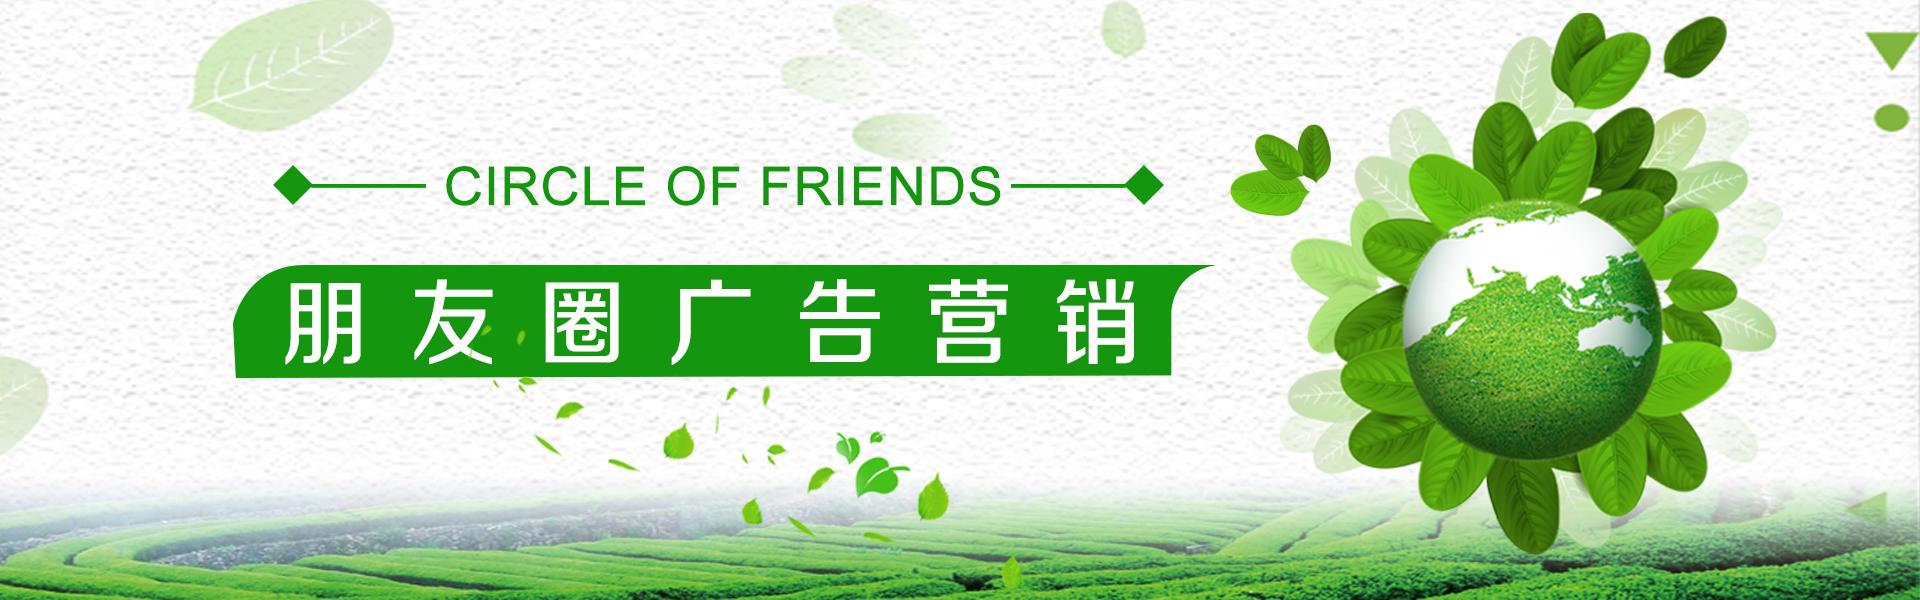 朋友圈广告